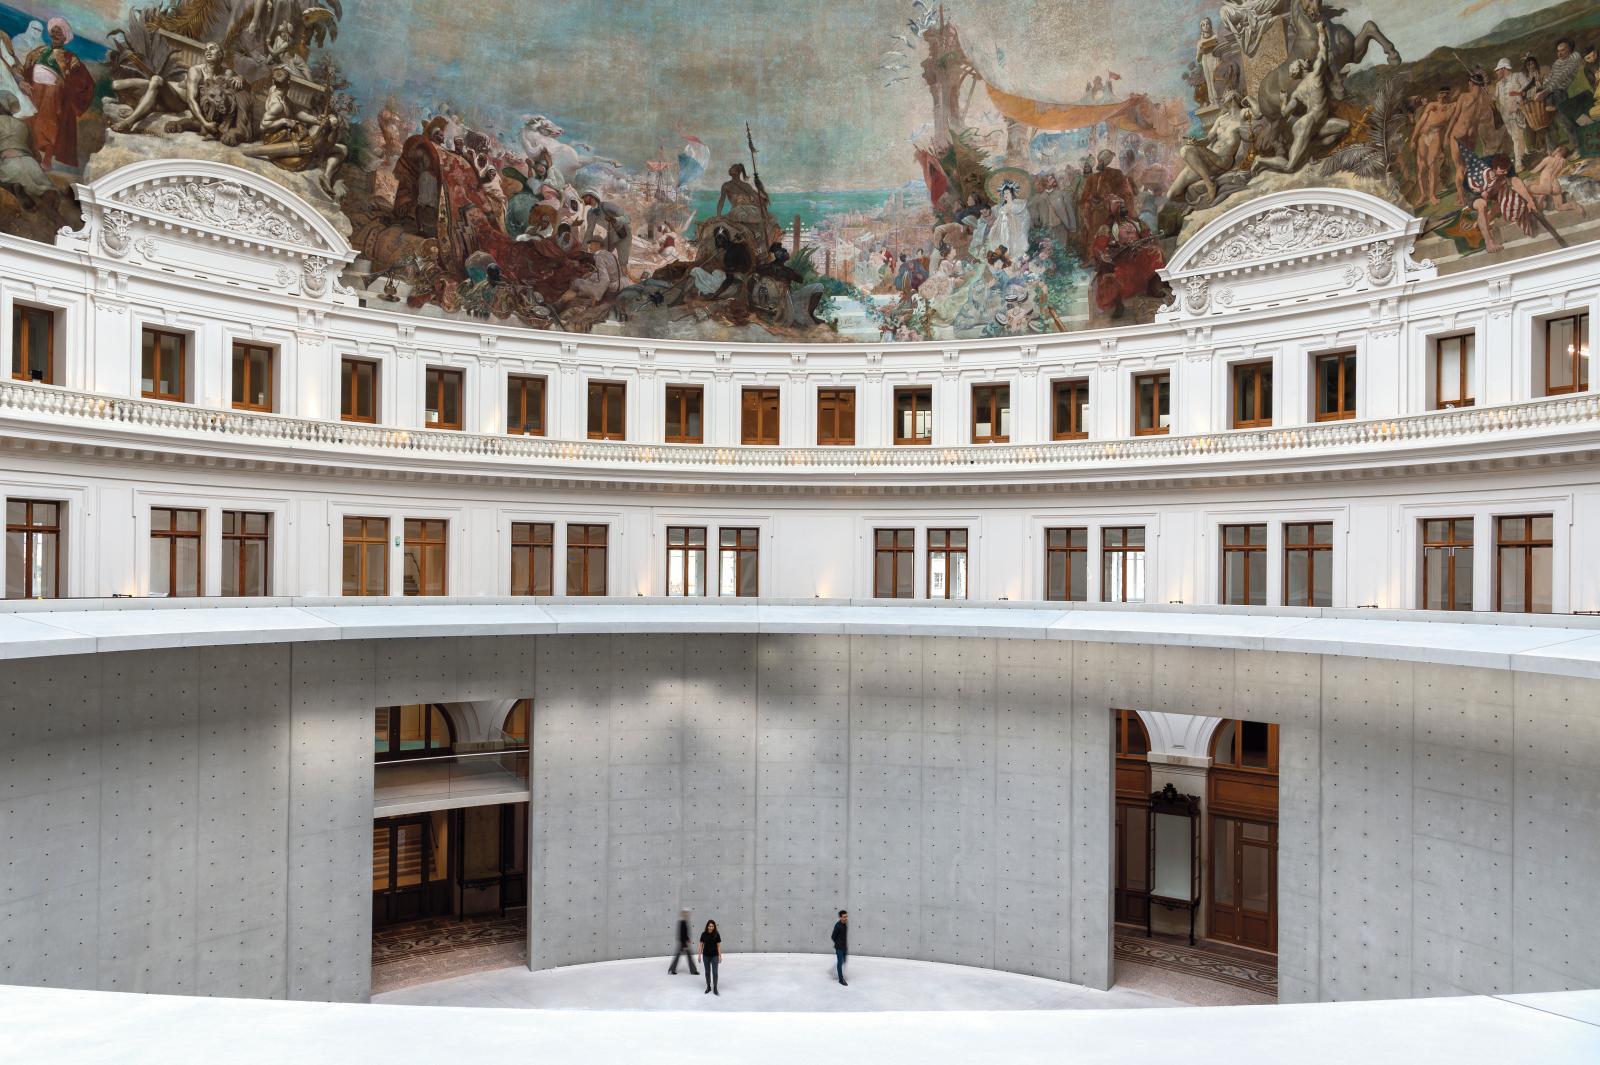 Bourse de commerce Pinault collection. © Tadao Ando Architect & Associates, Niney et Marca Architectes, Agence Pierre-Antoine Gatier Photo